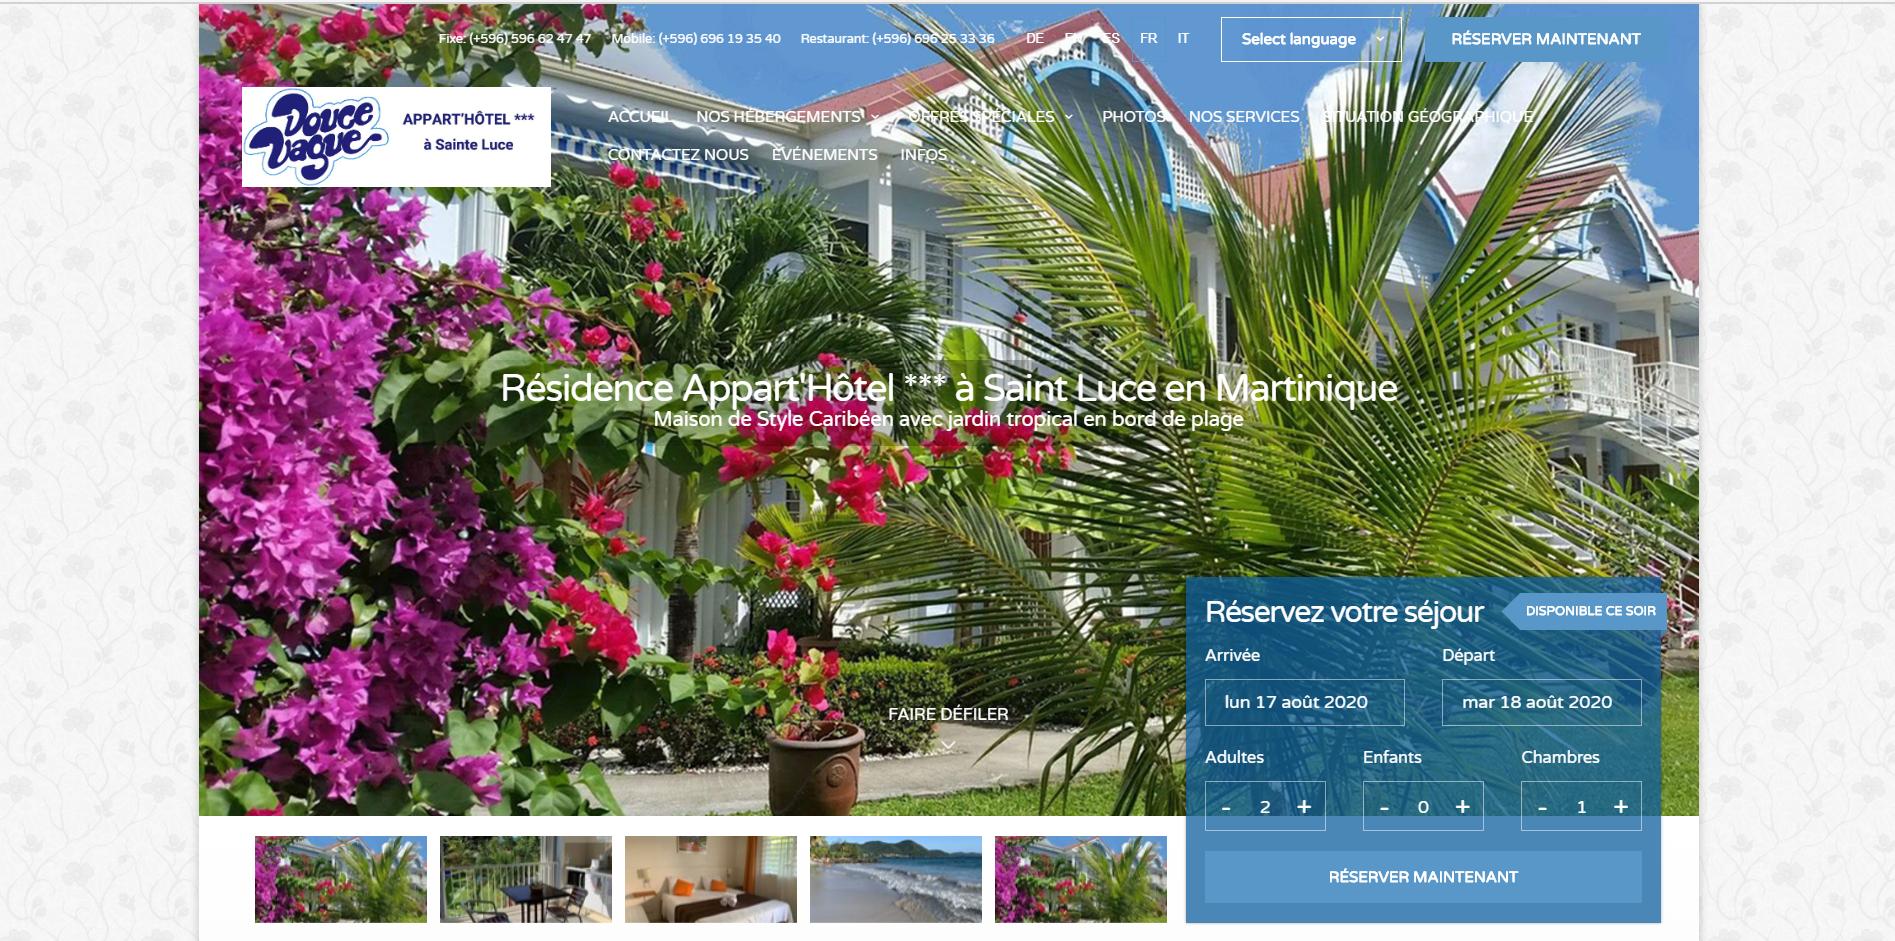 Hôtel Douce Vague, Sainte-Luce Martinique